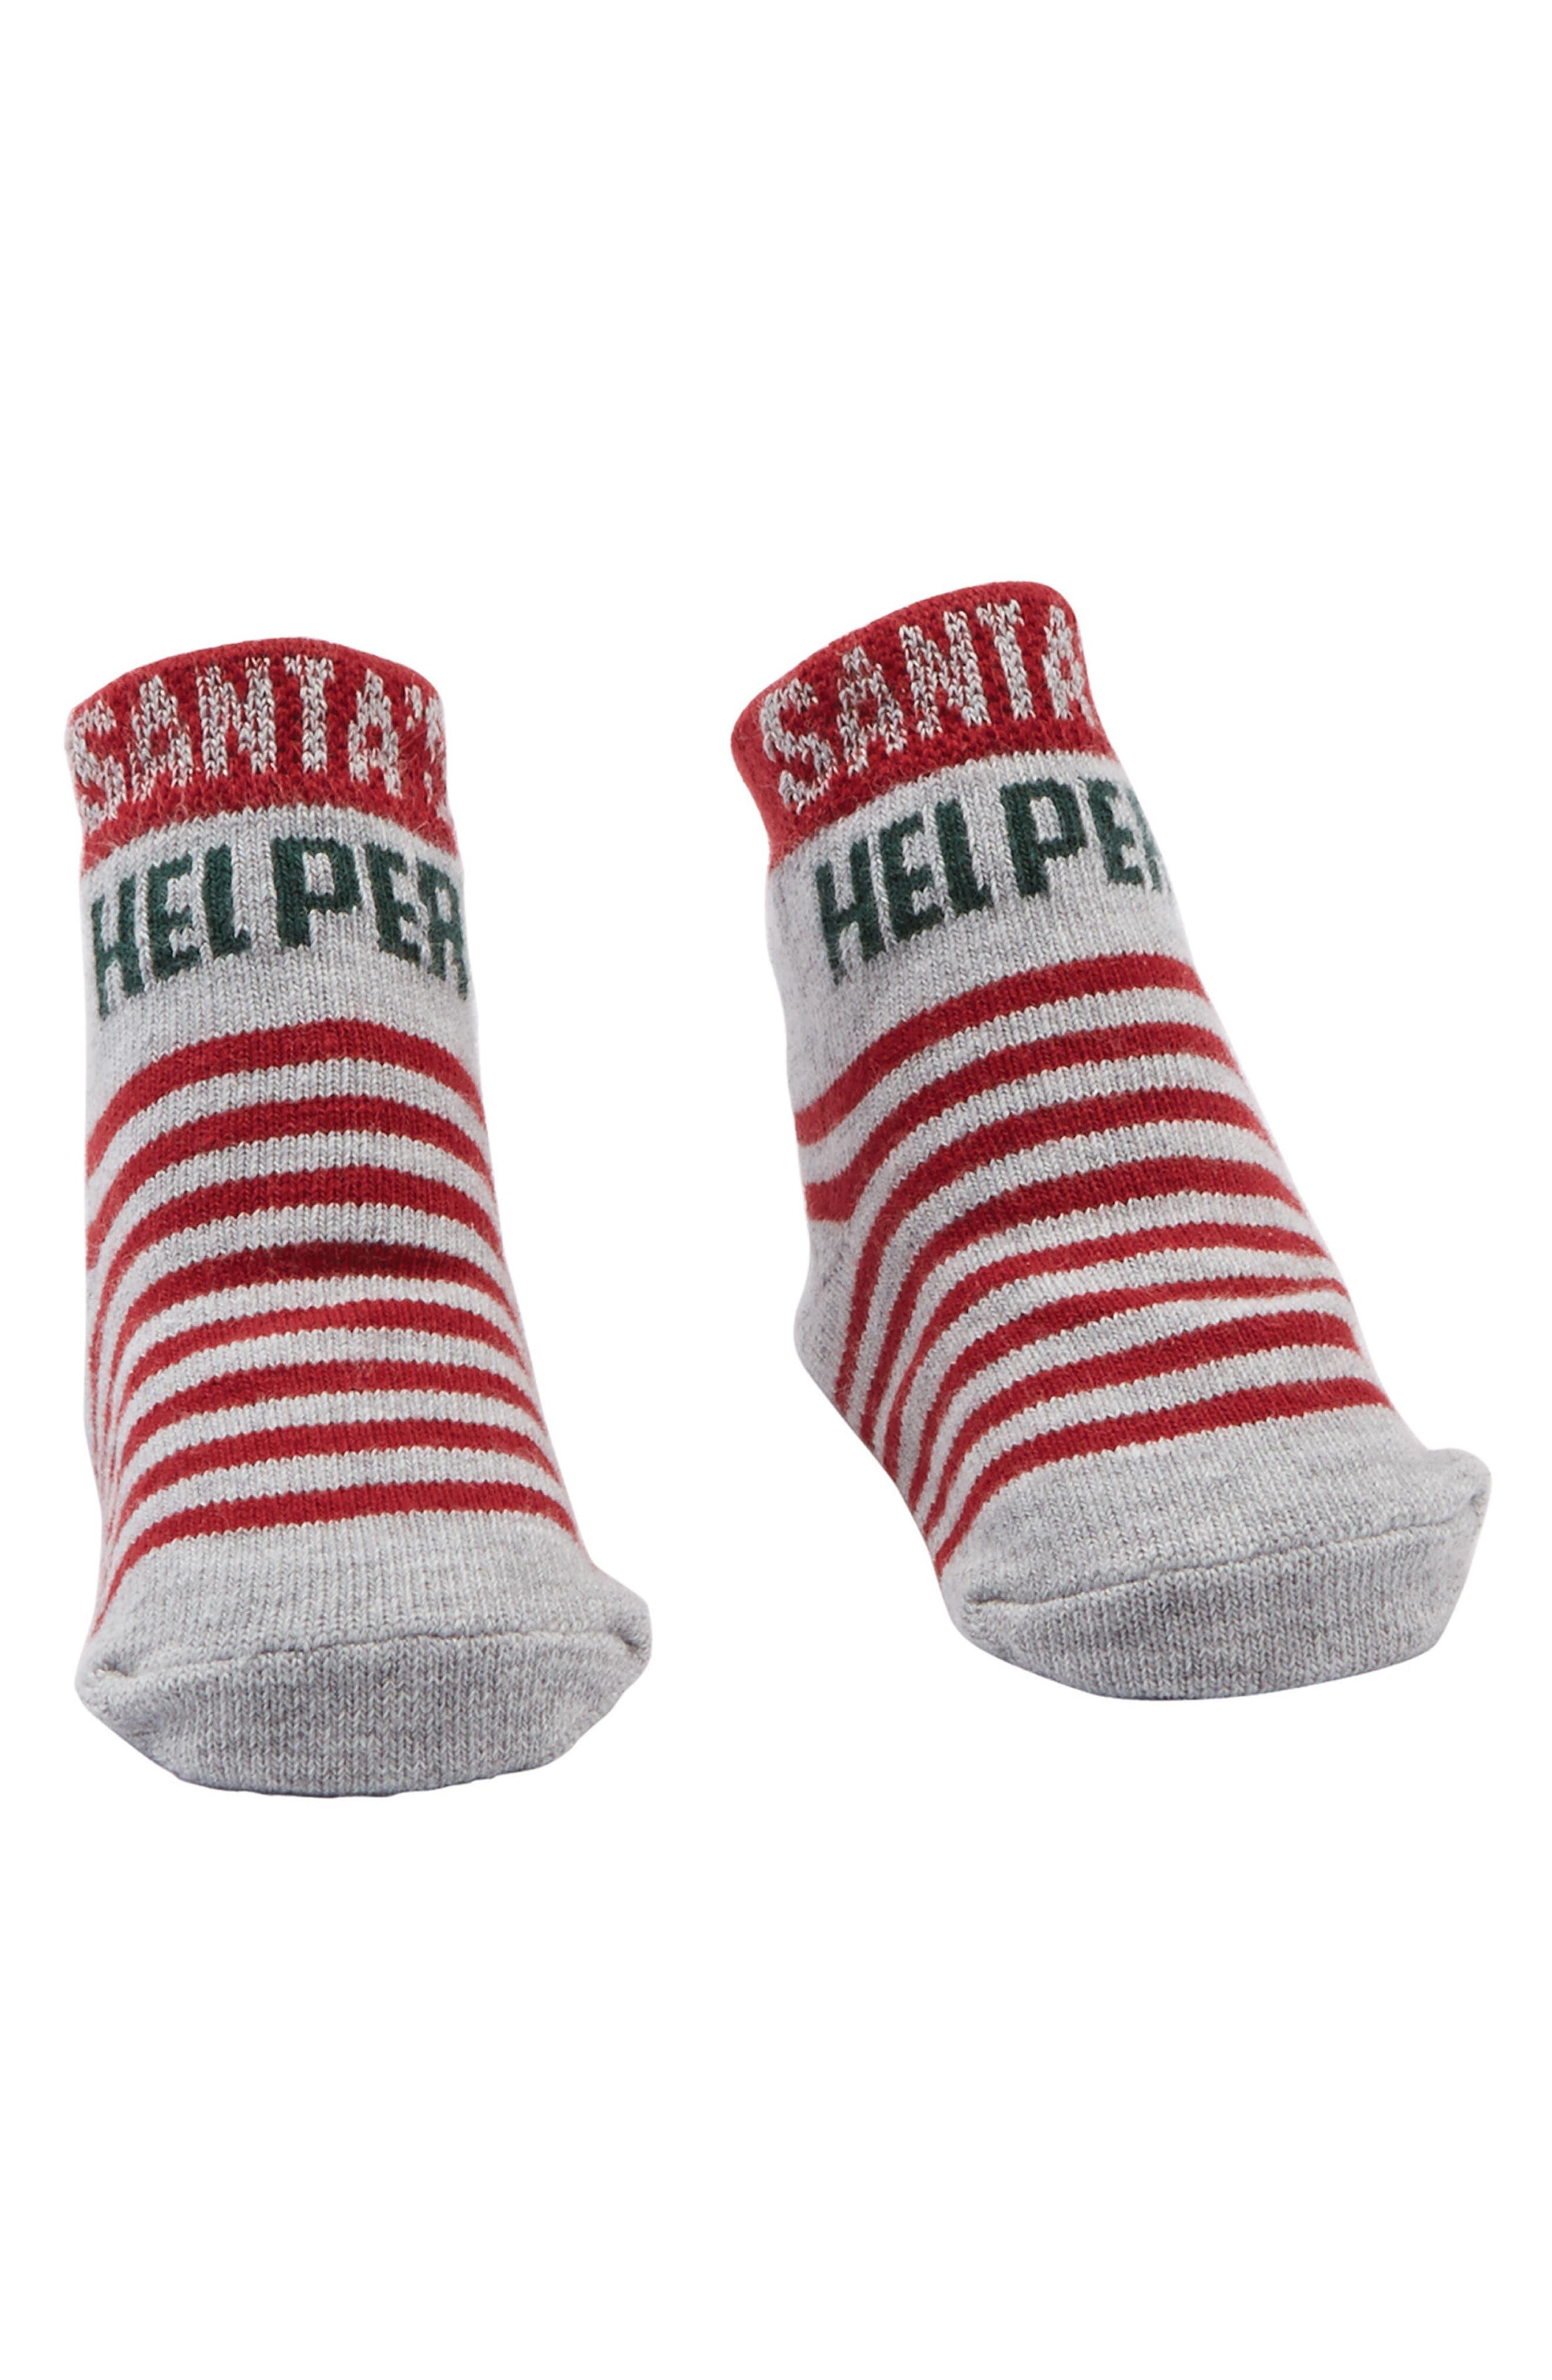 Santa's Helper Socks,                         Main,                         color, 600